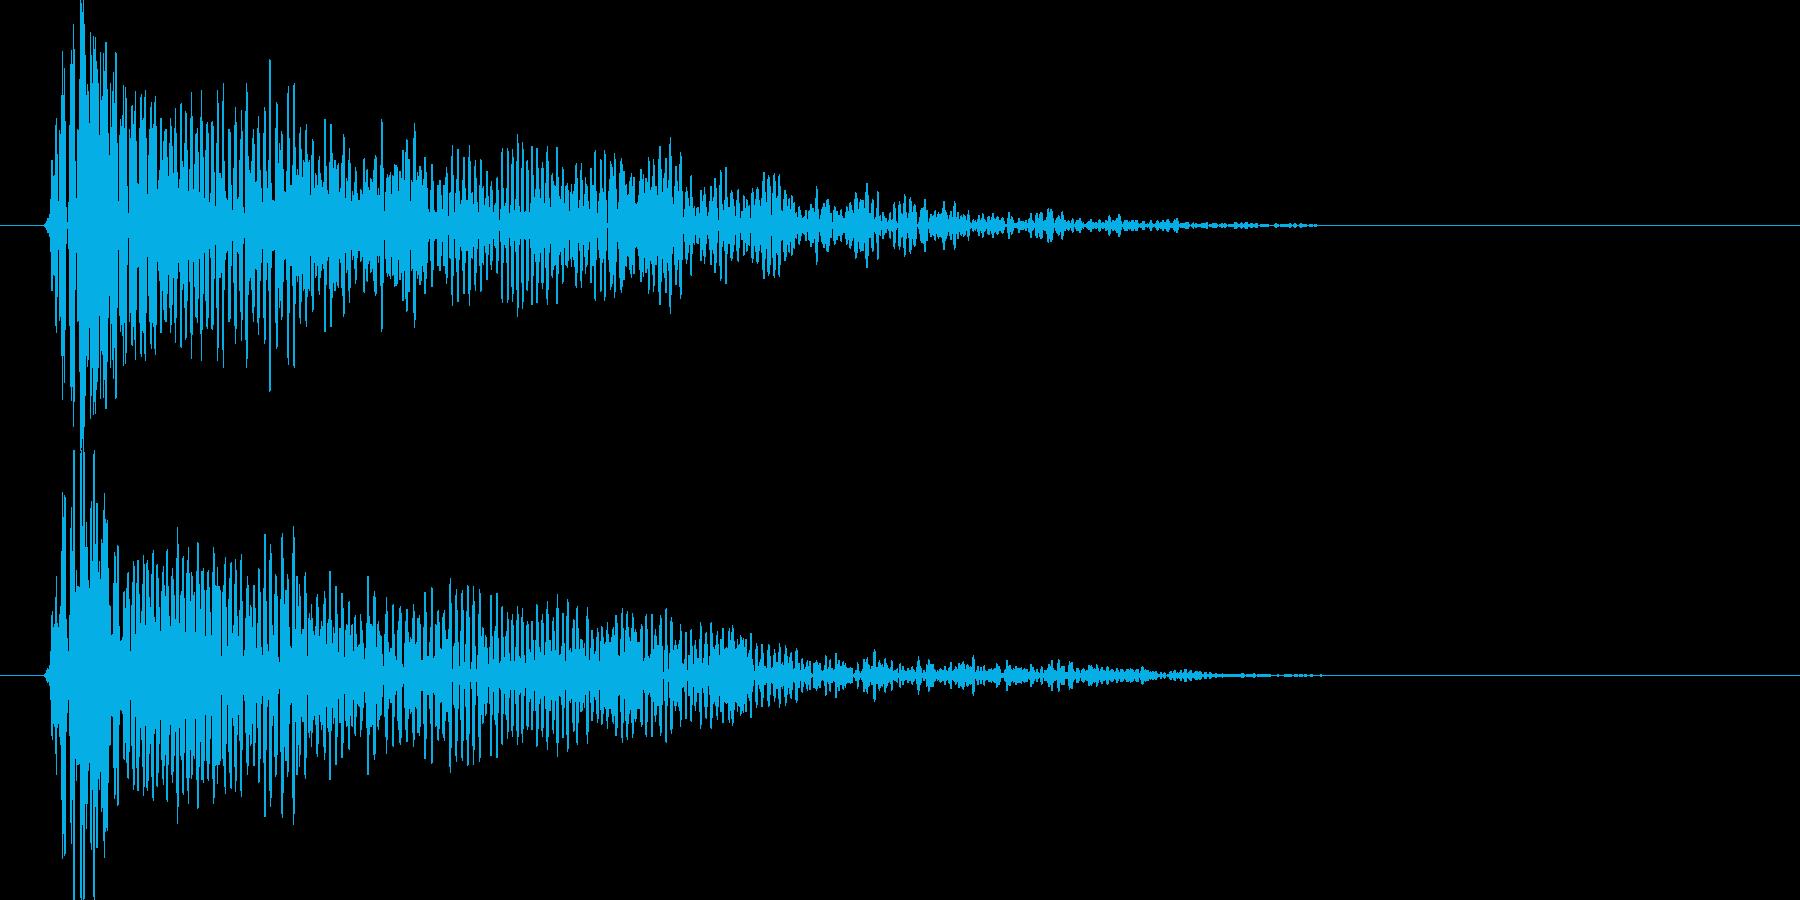 ドゥウウウーン(衝撃波)の再生済みの波形